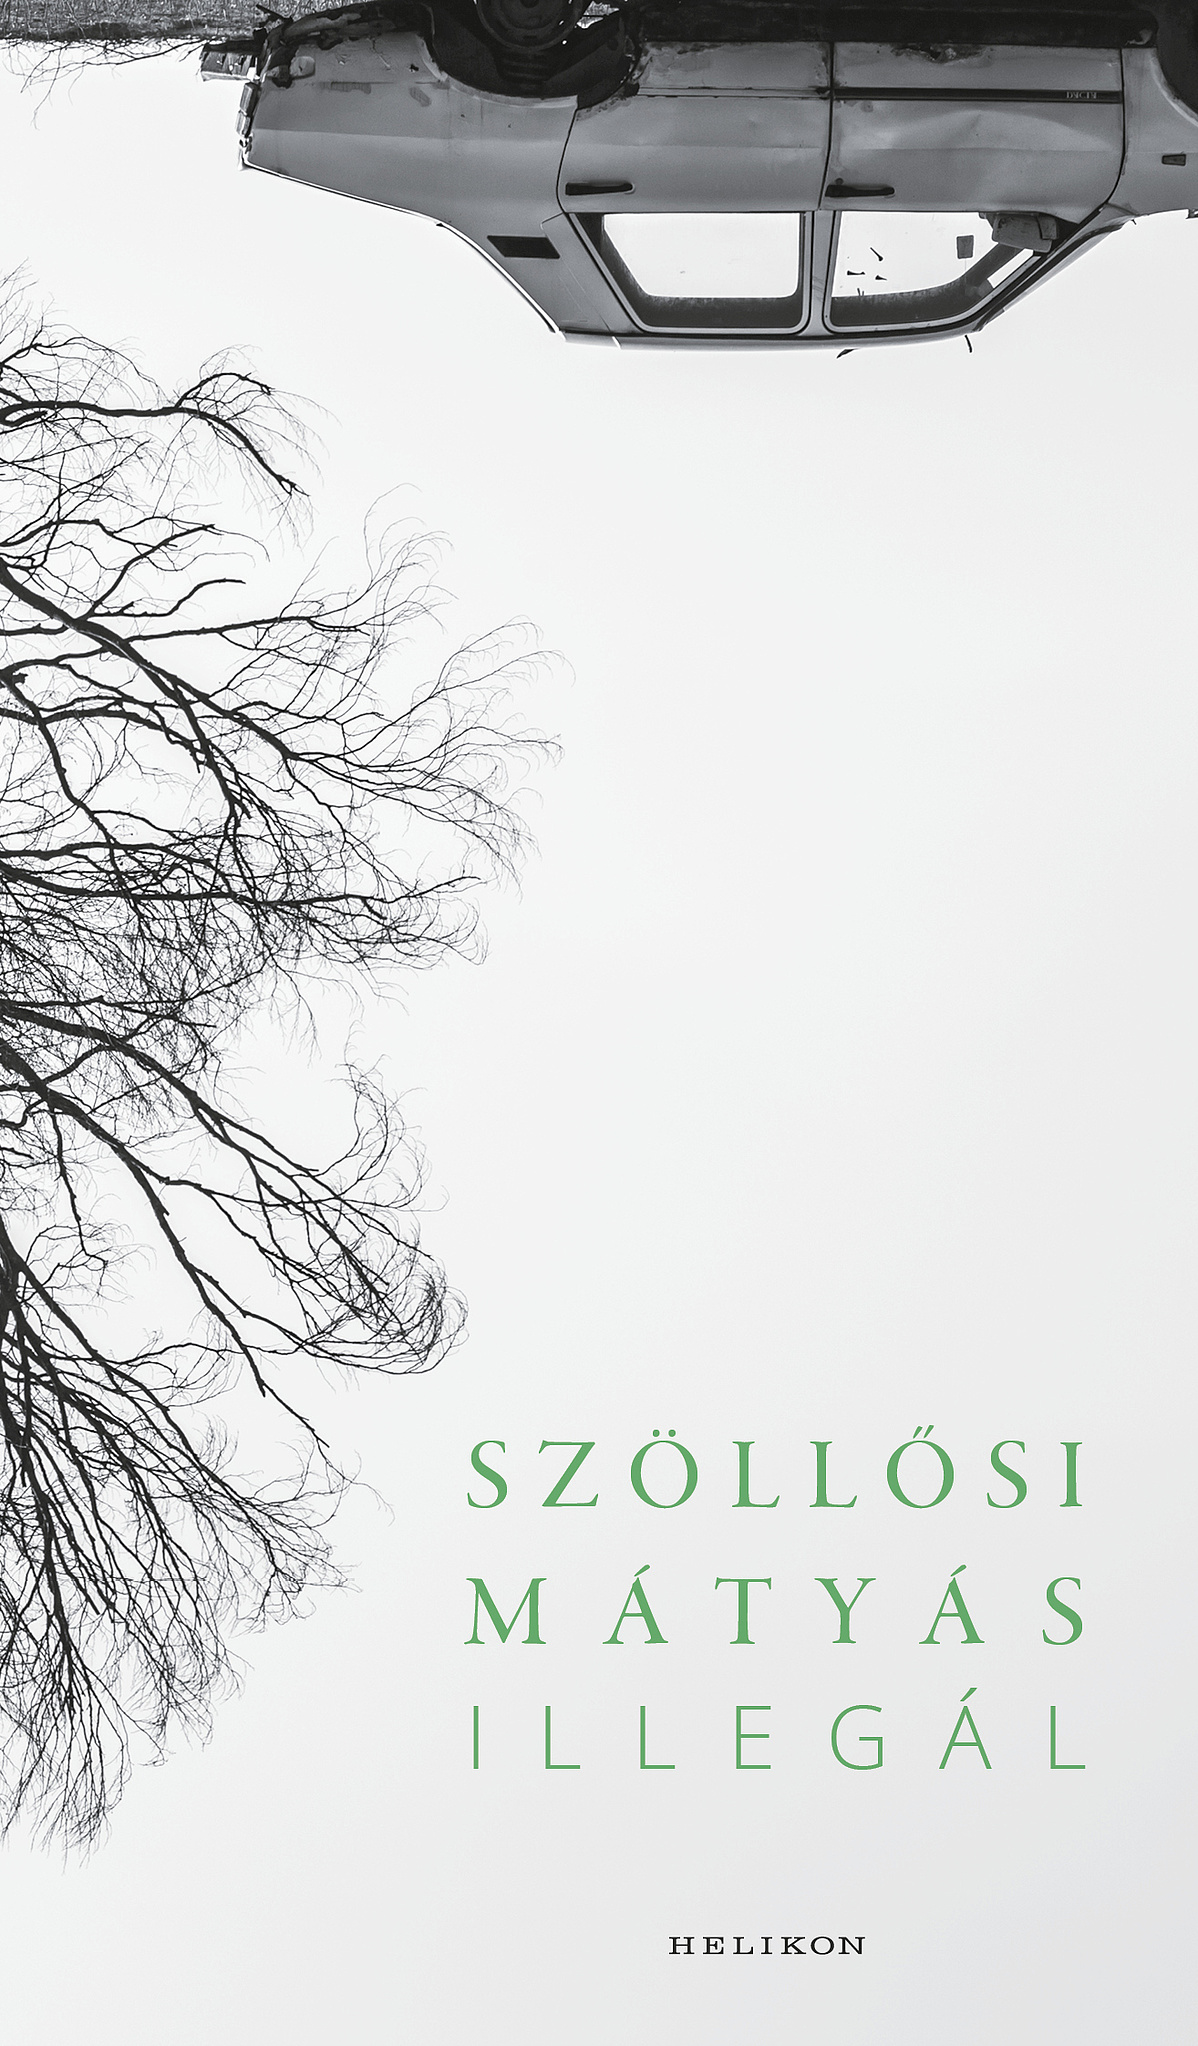 SzollosiM_Illegal_202003041-095040.jpg